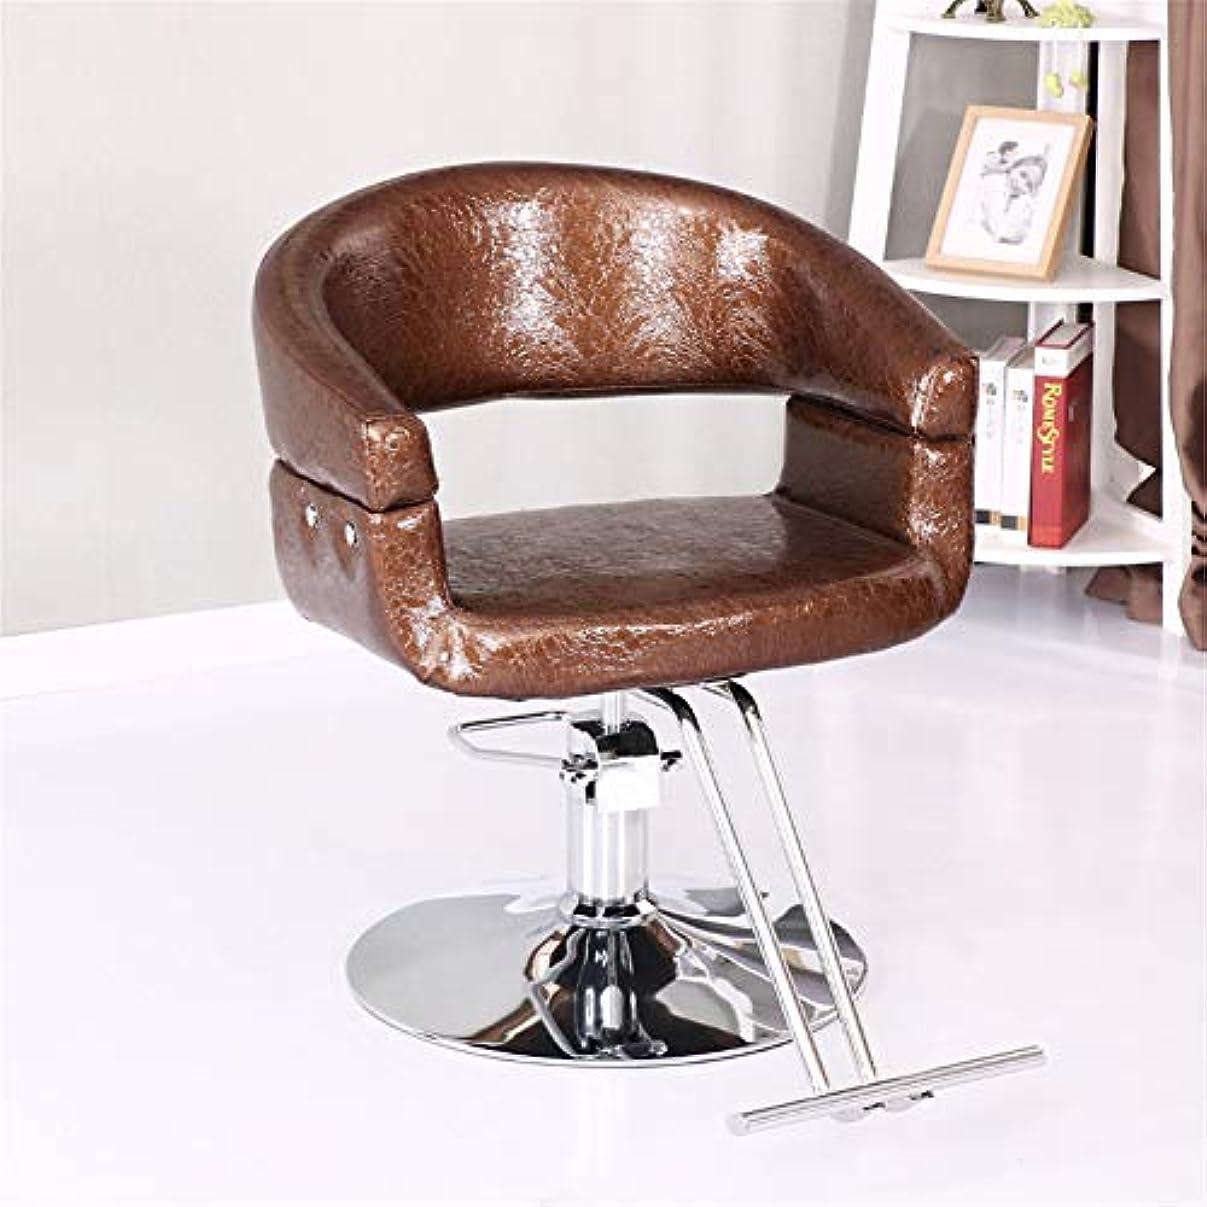 東部剥離列車Salon Chair Fashion Hydraulic Barber Chair Styling Beauty Salon Equipment Round Base Stable Comfort,Brown,B